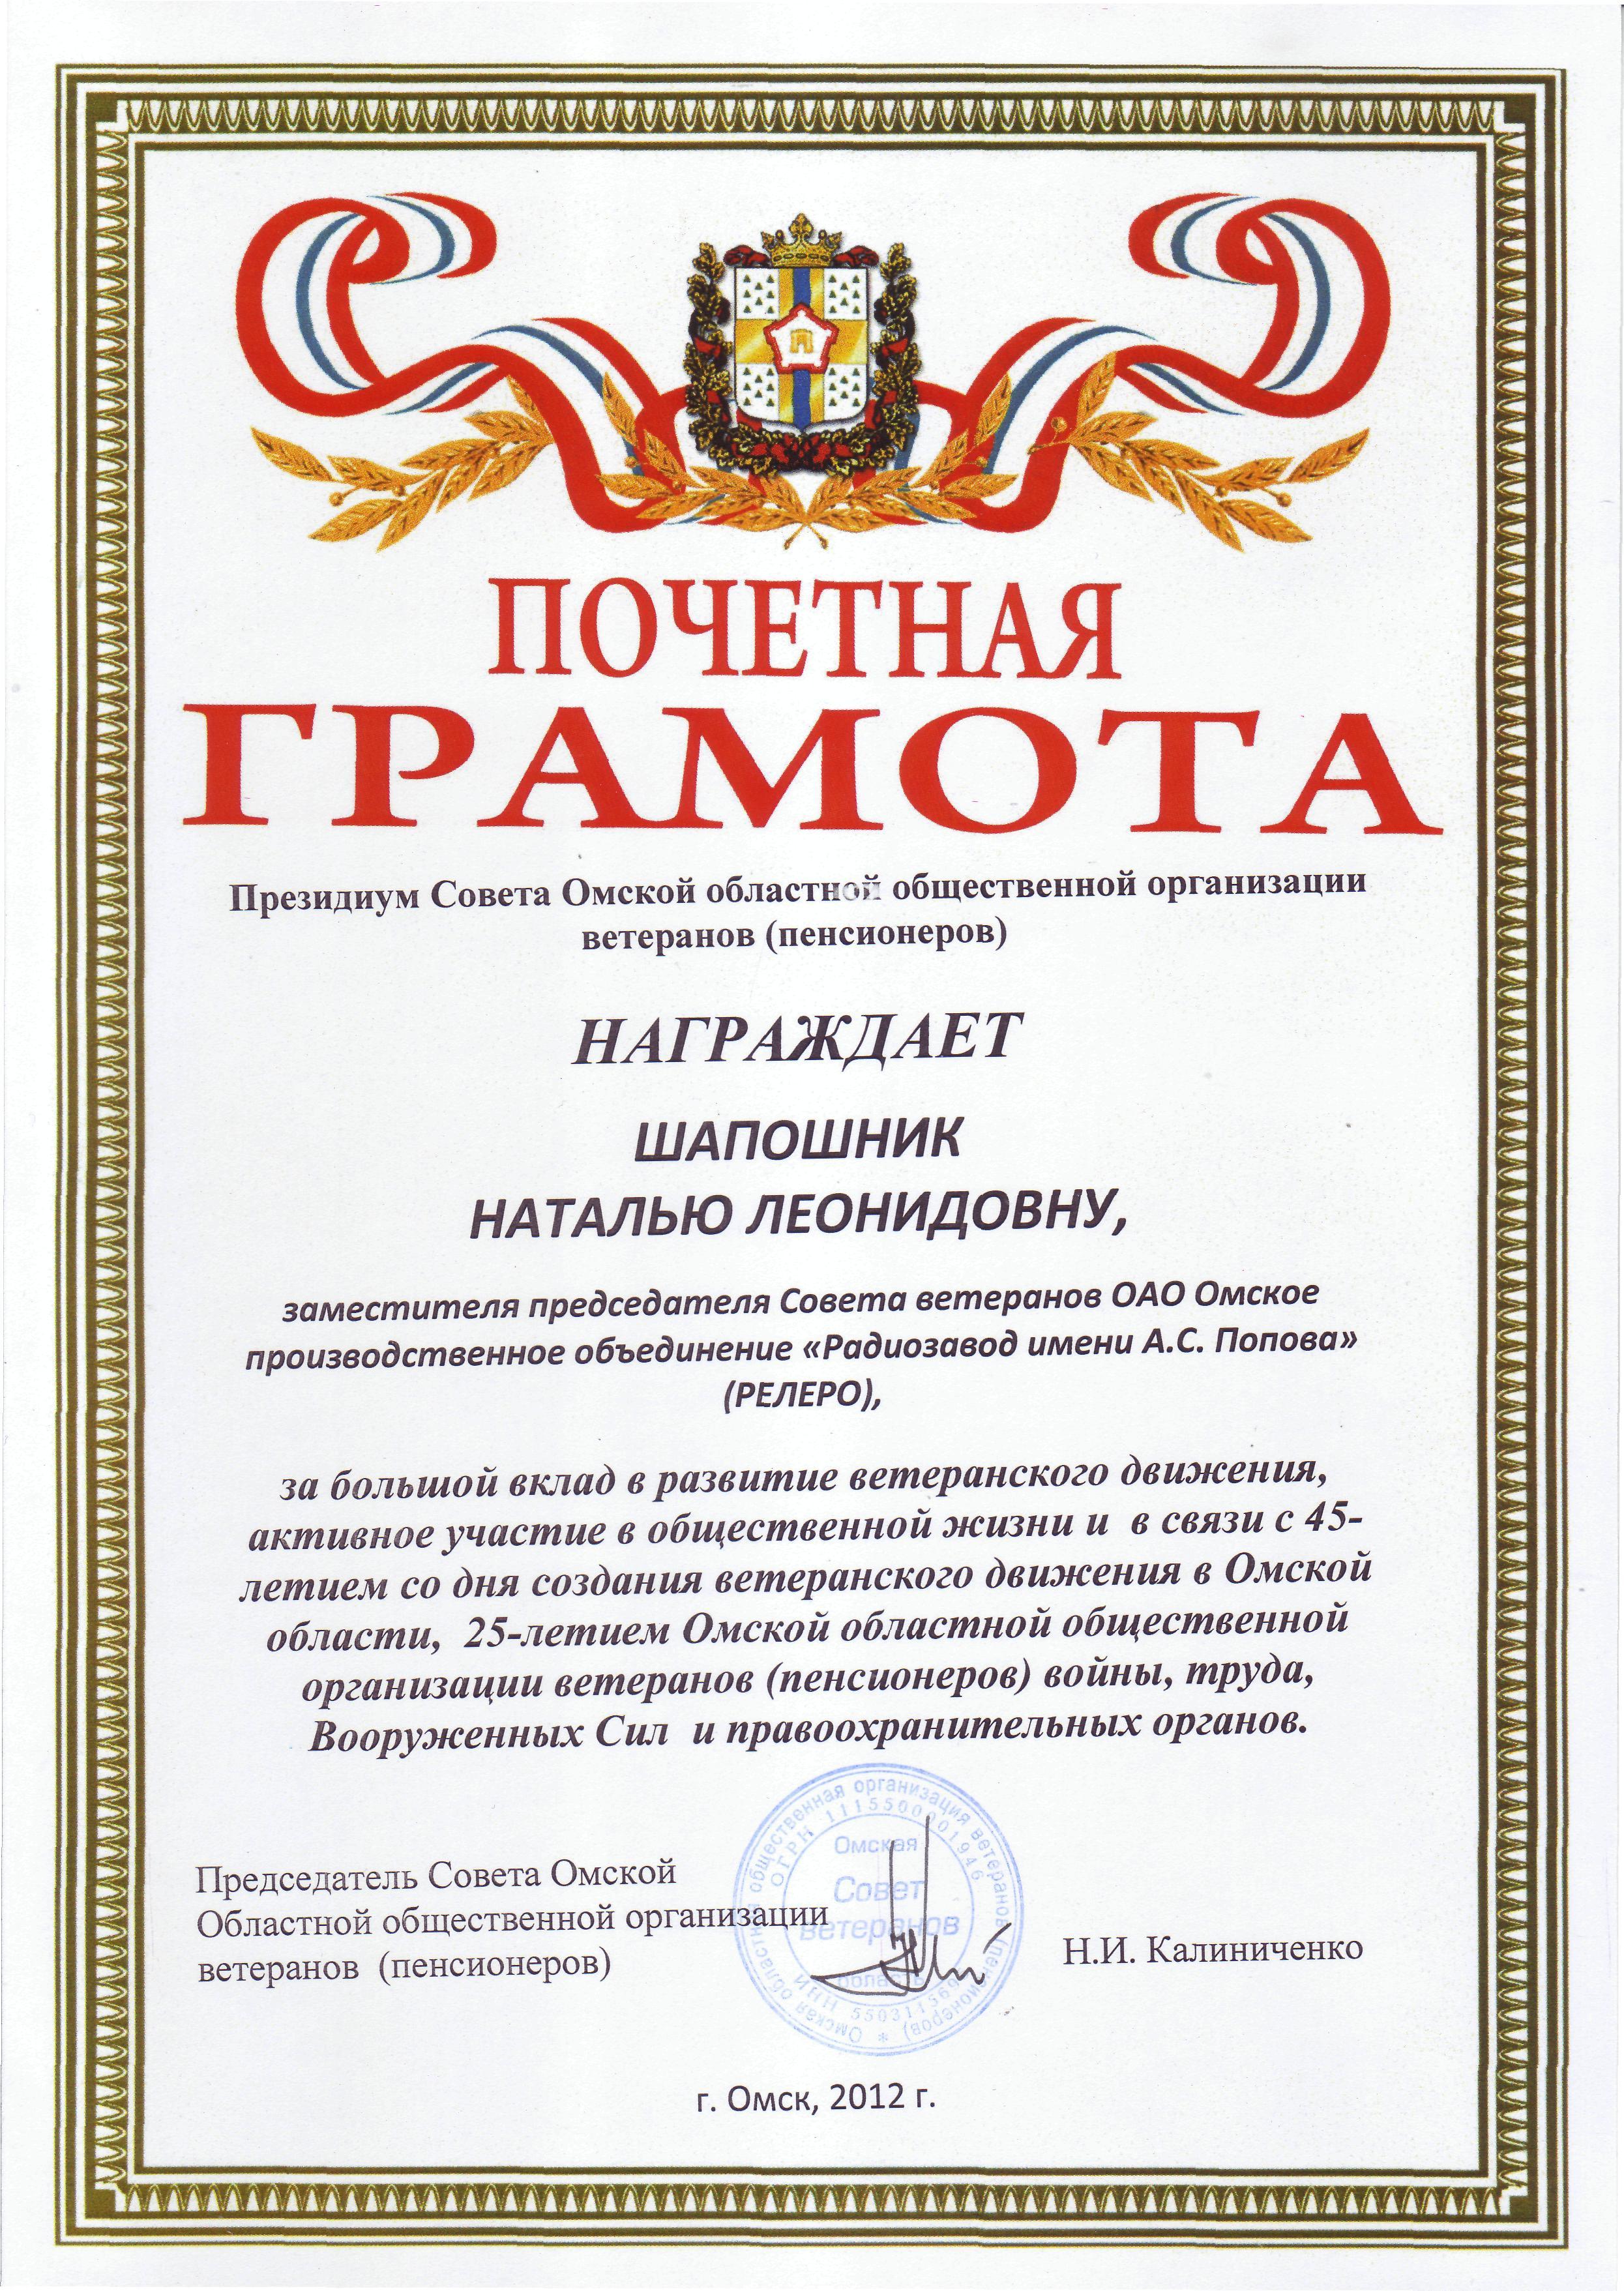 Поздравления работников грамотой